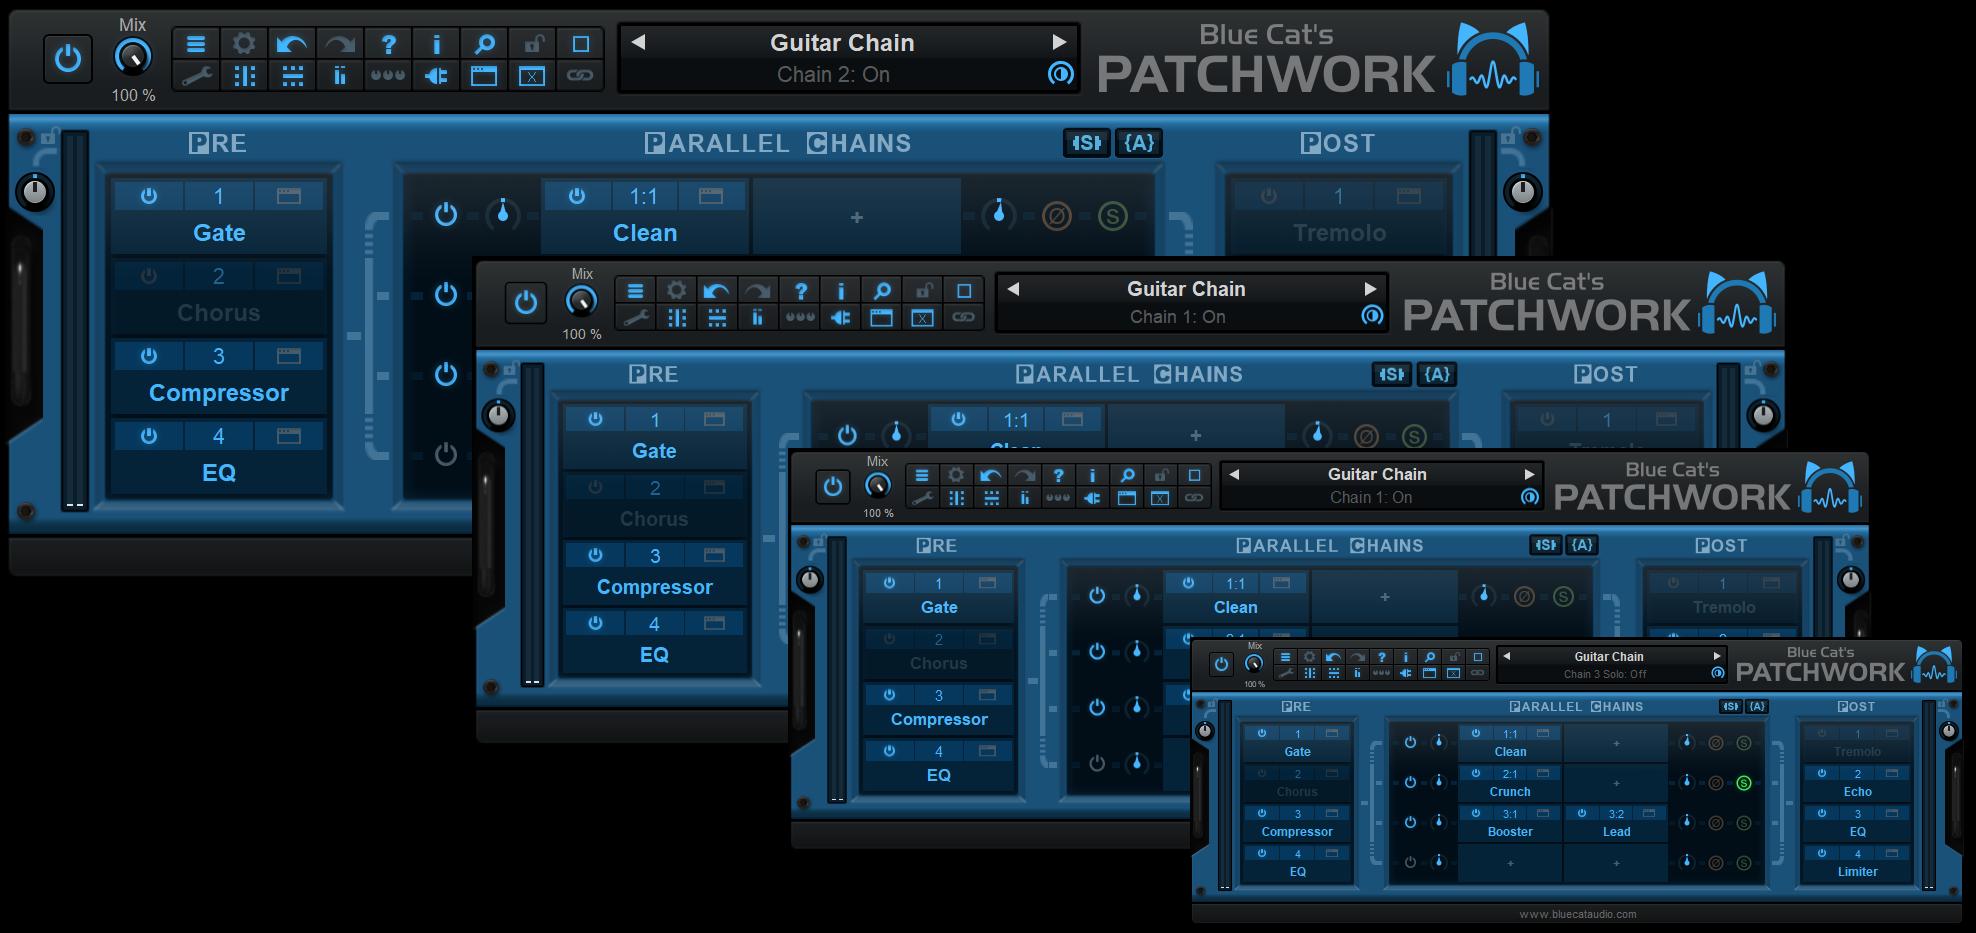 bluecat patchwork automation